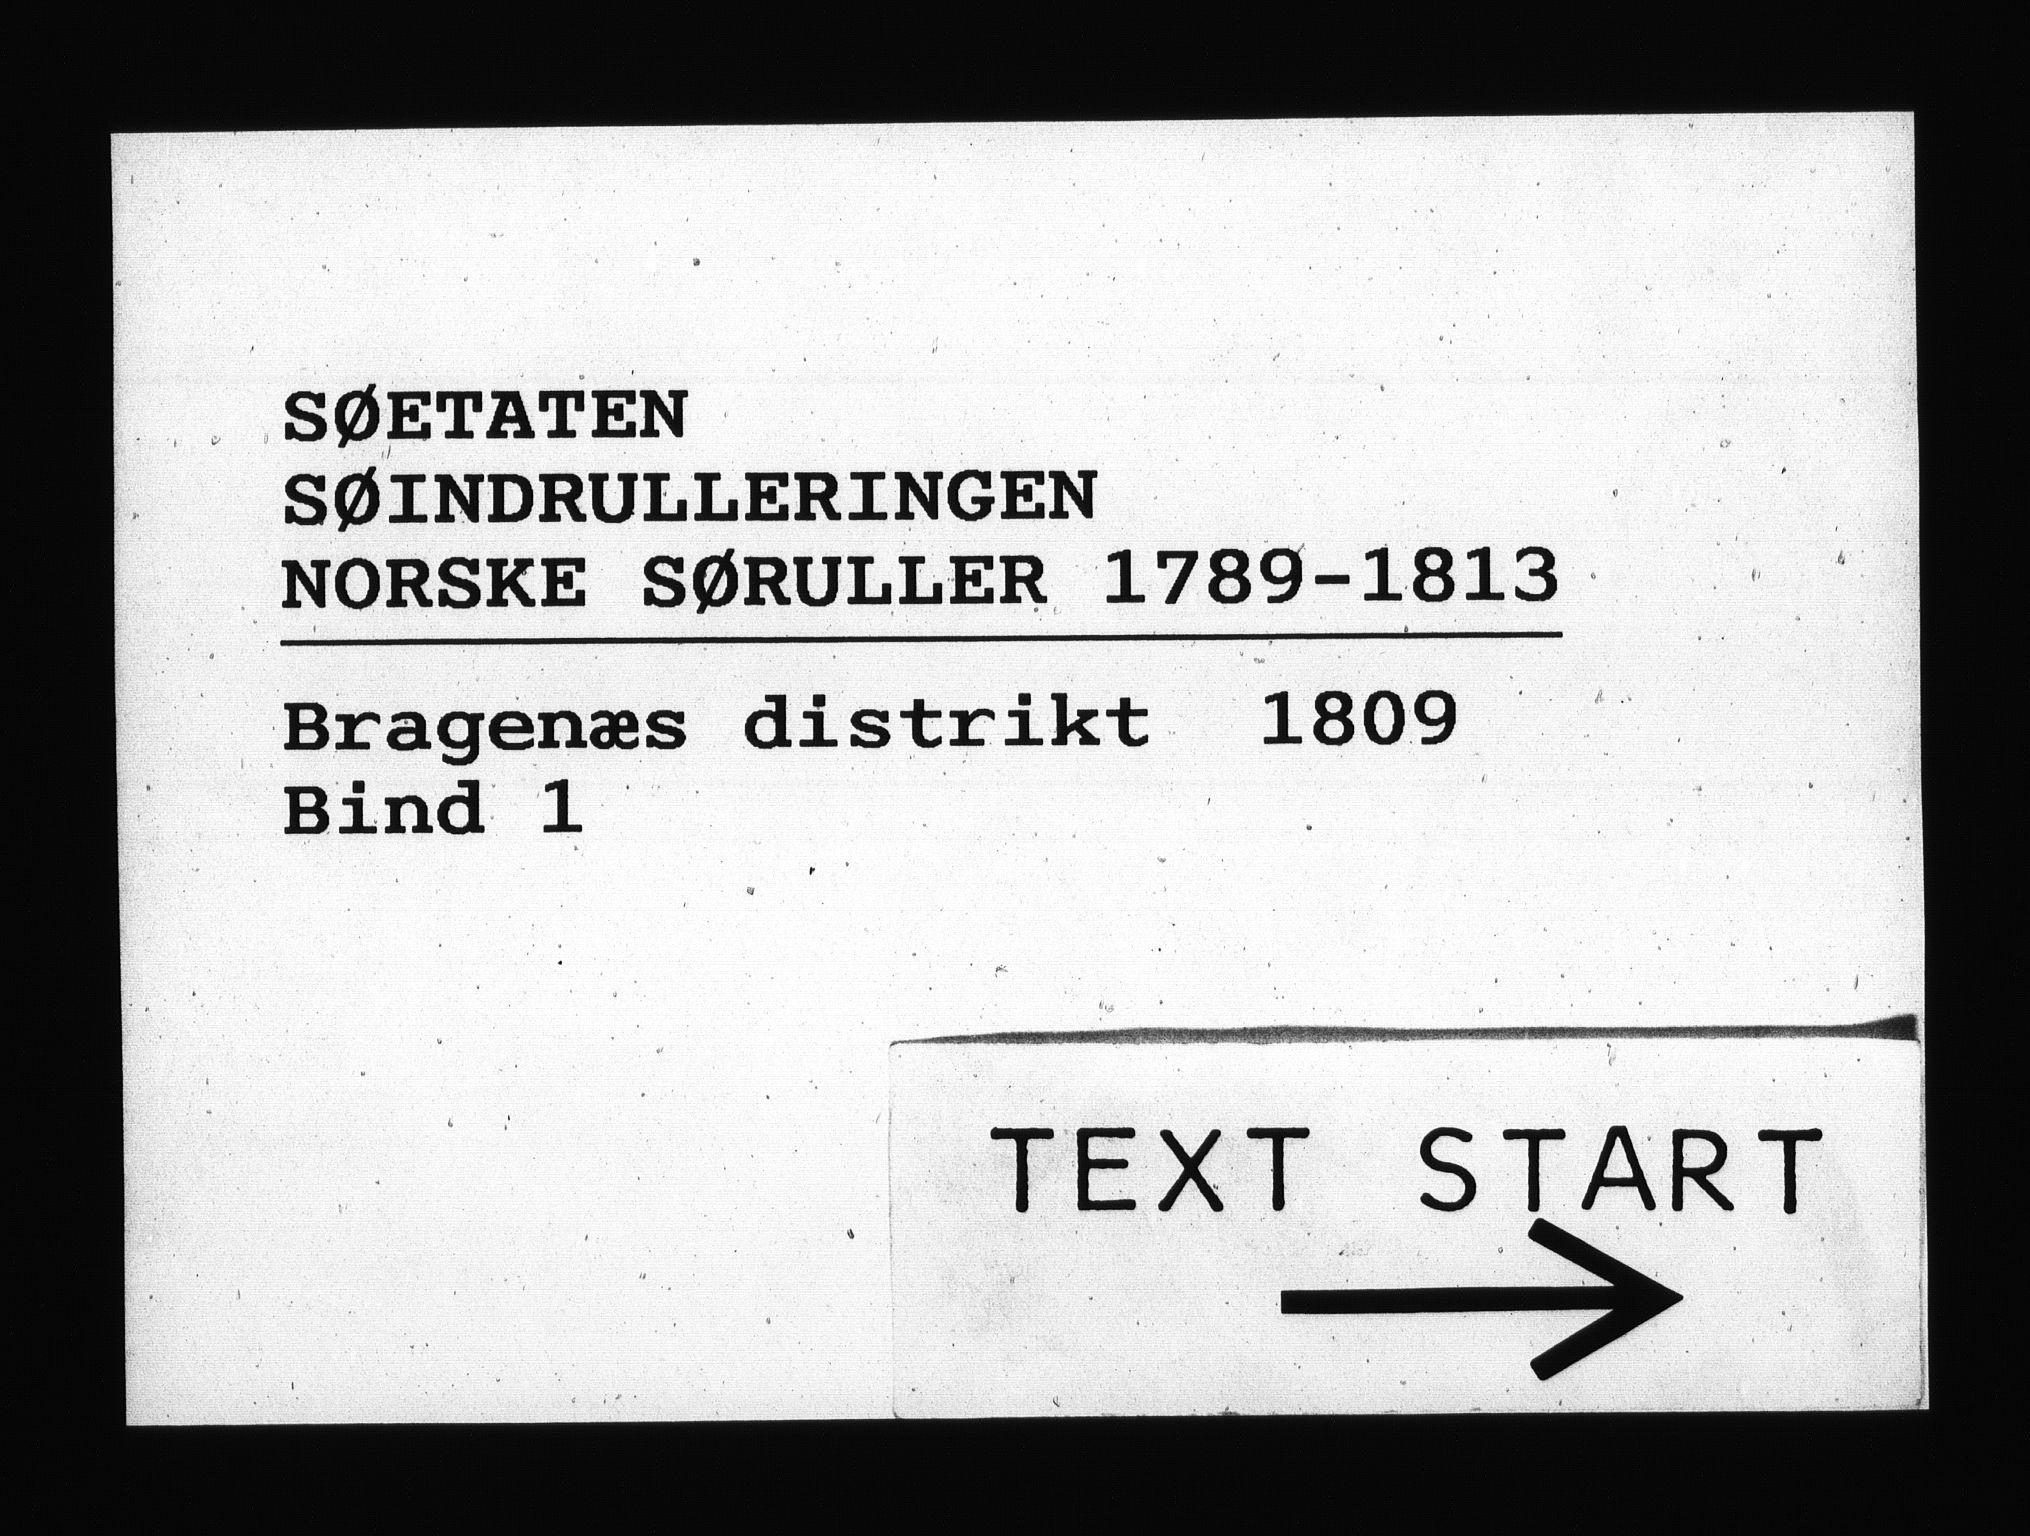 RA, Sjøetaten, F/L0156: Bragernes distrikt, bind 1, 1809